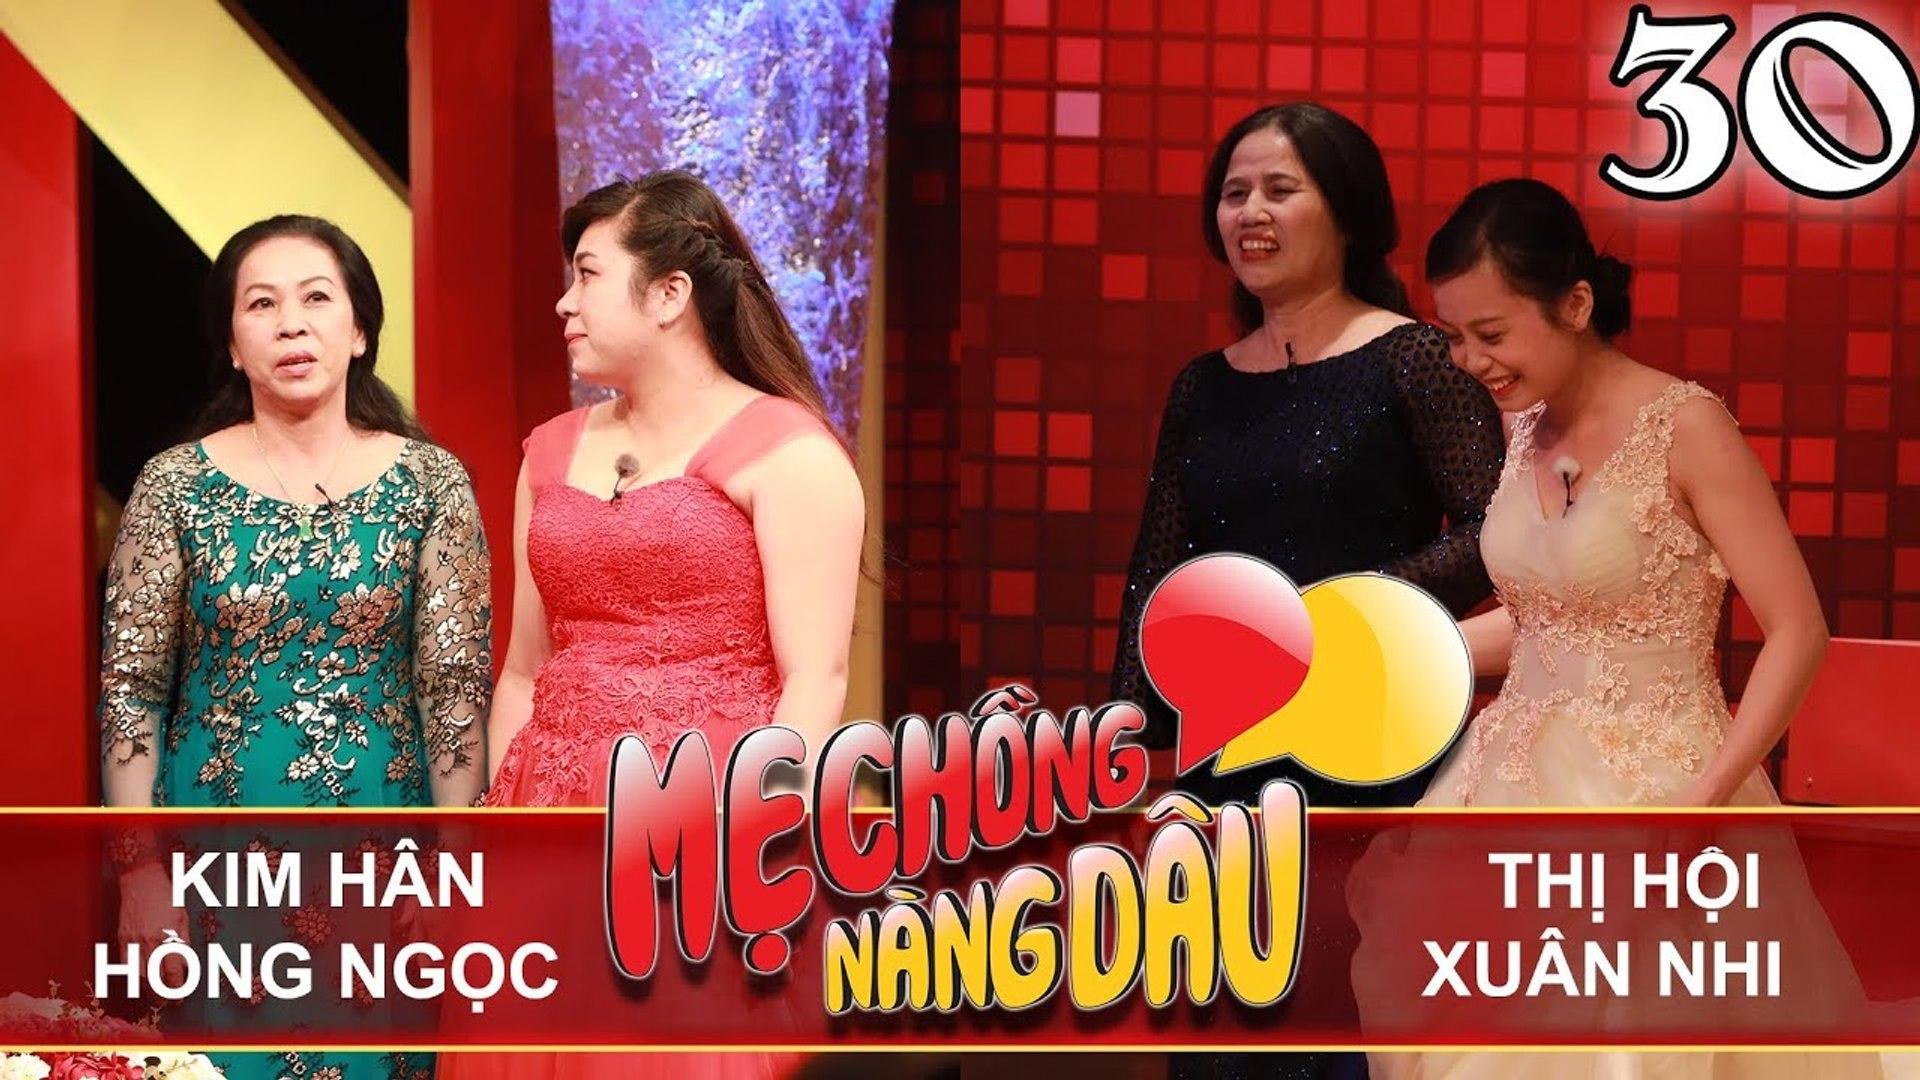 MẸ CHỒNG - NÀNG DÂU _ Tập 30 FULL _ Kim Hân - Hồng Ngọc _ Thị Hội - Xuân Nhi